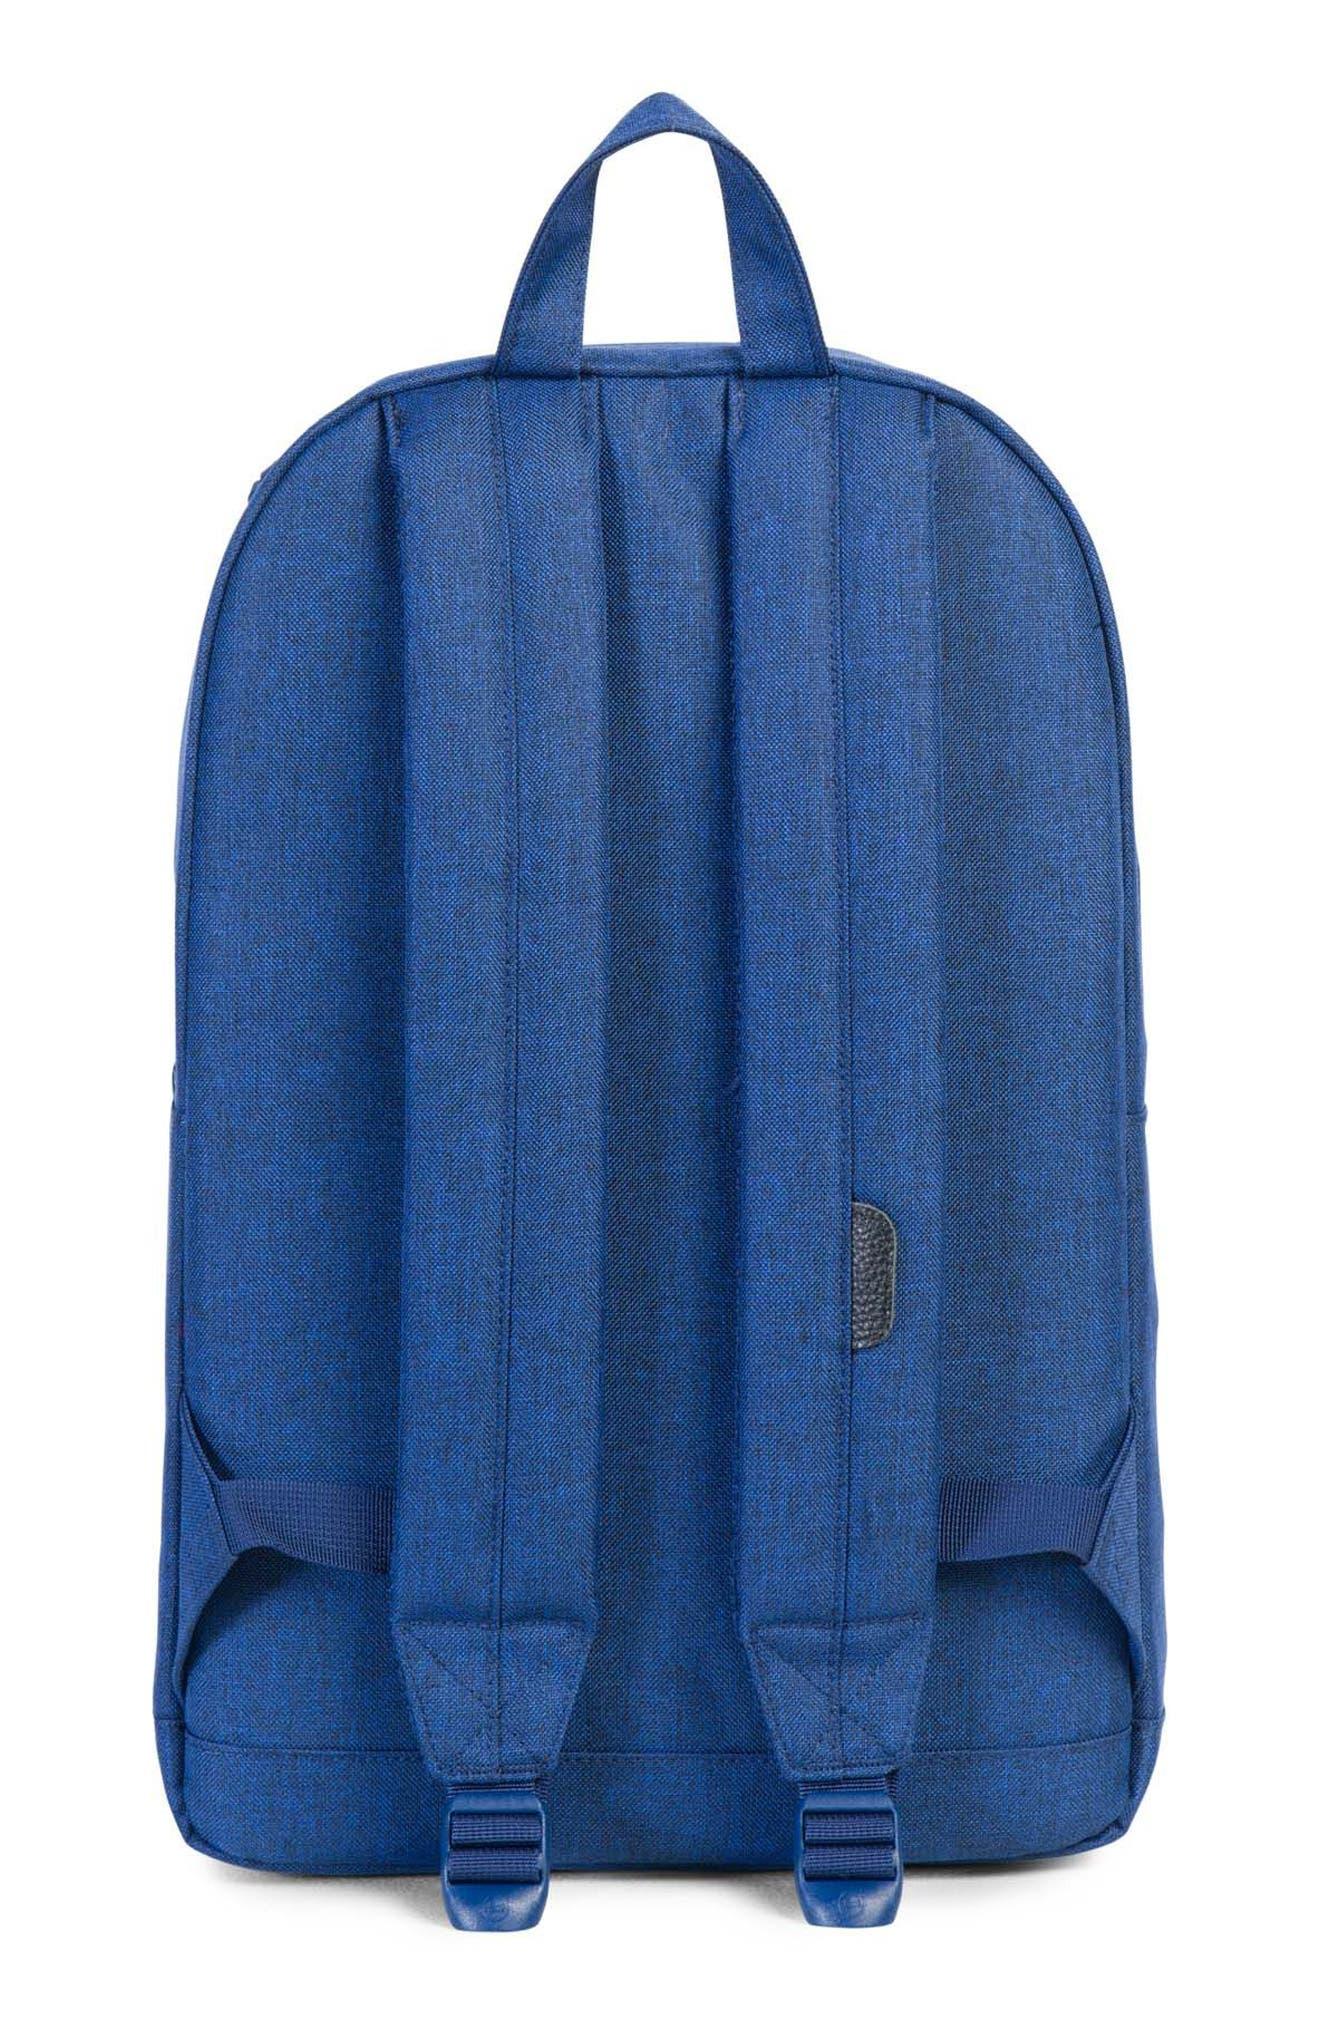 Alternate Image 2  - Herschel Supply Co. Pop Quiz Backpack